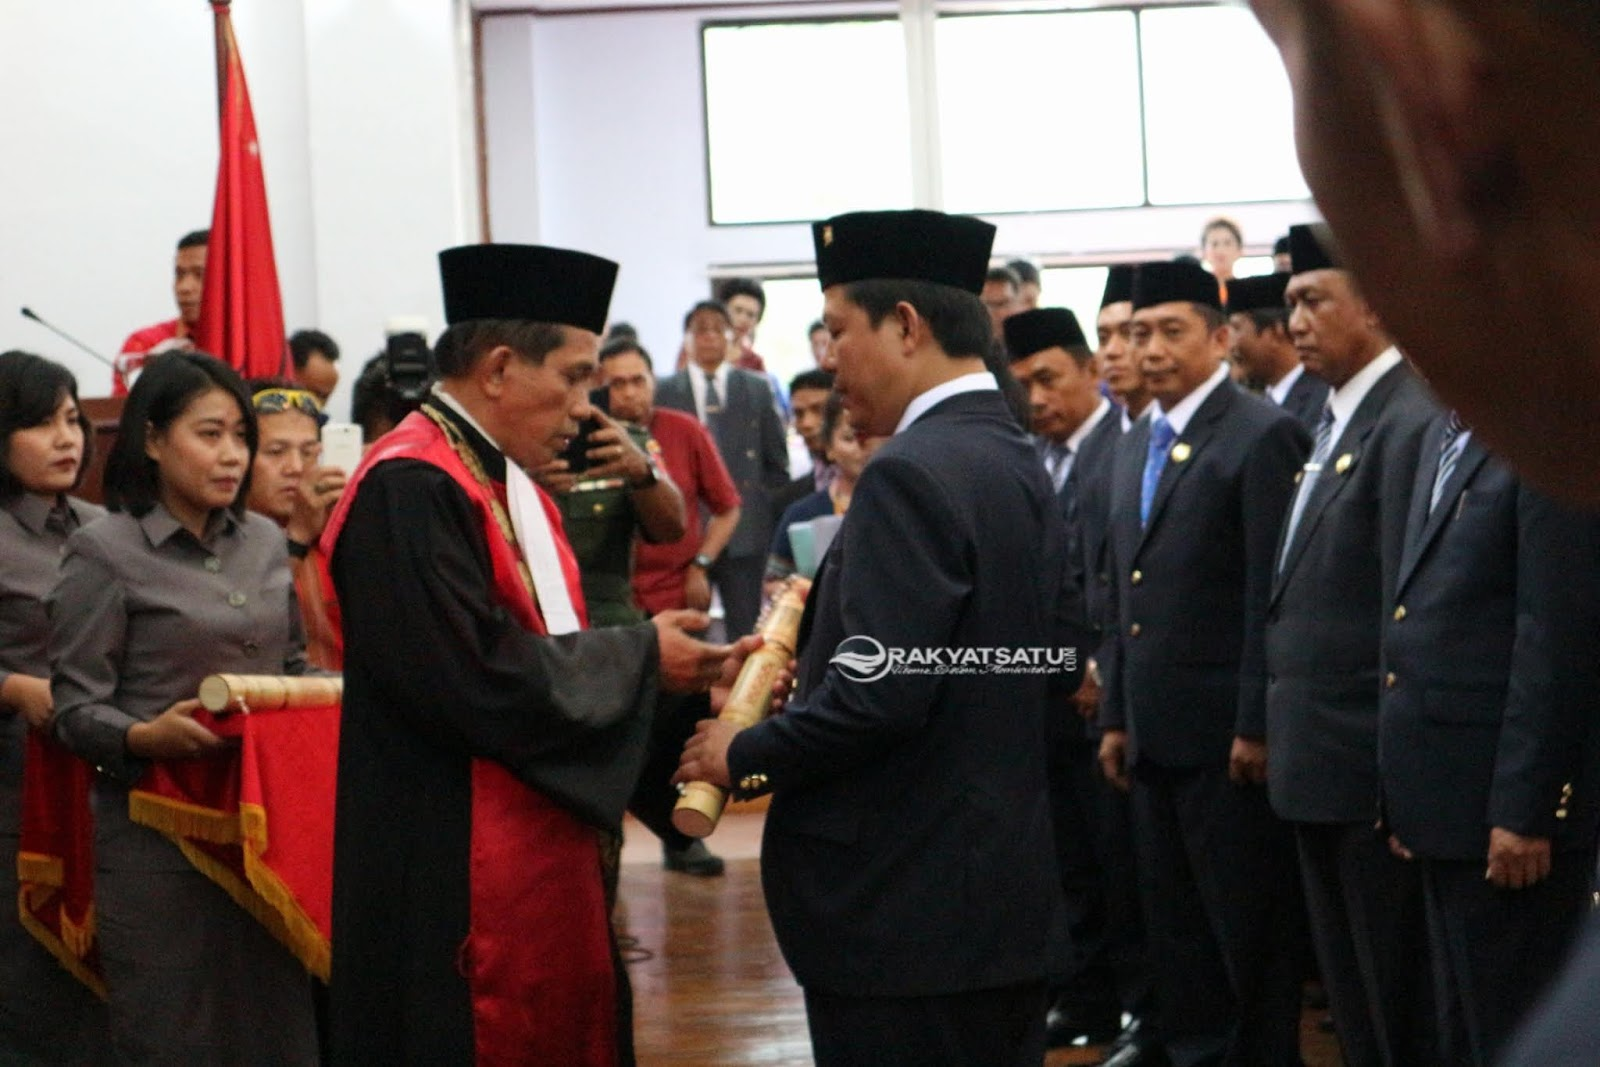 30 Anggota DPRD Kabupaten Tana Toraja Resmi Dilantik, Ketua Sementara Dipimpin Partai Golkar